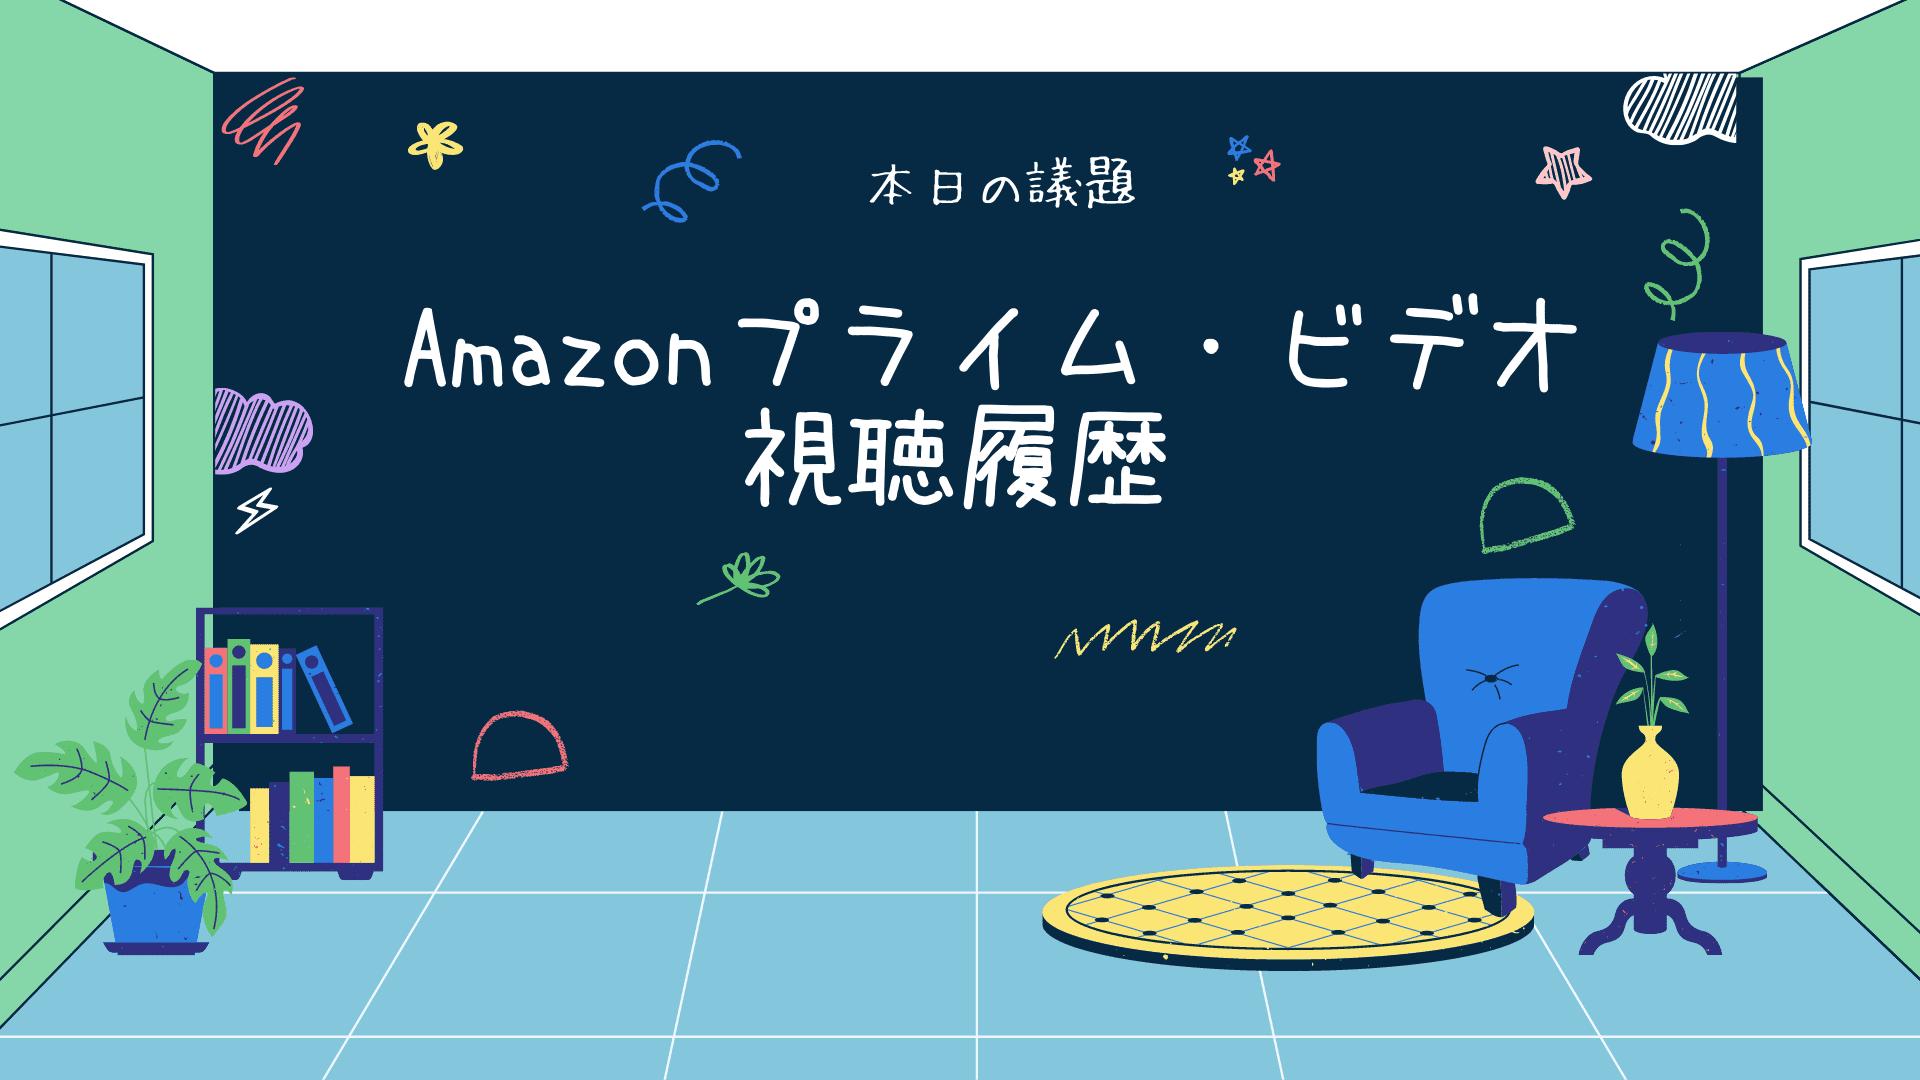 視聴 履歴 プライム ビデオ 削除 アマゾン Amazonプライムビデオ視聴履歴を削除する三つの方法!残さないことも可能? »